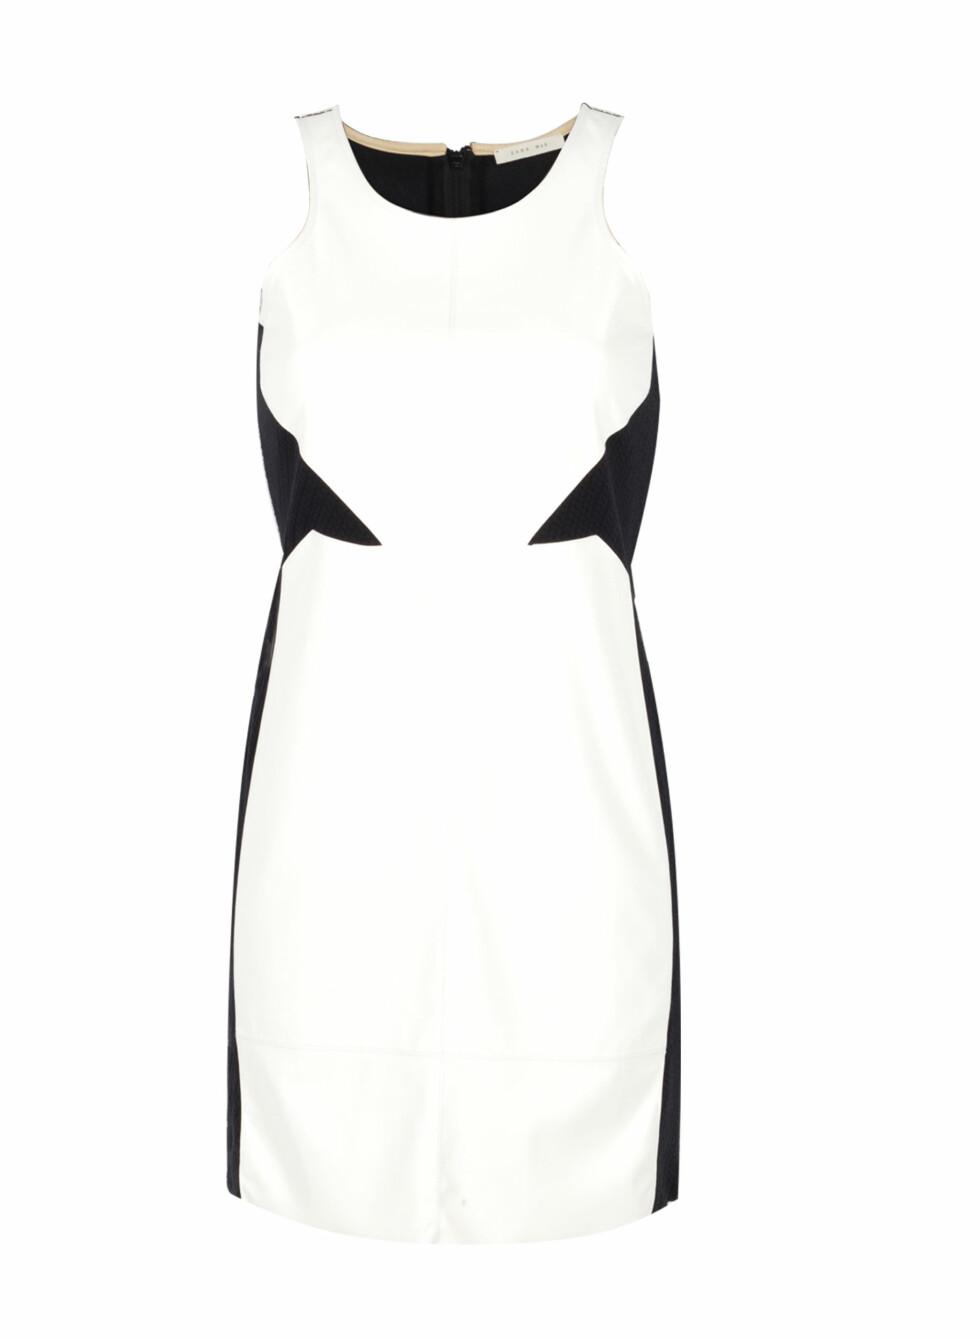 Hvit kjole med svart innramming (kr 560, Zara) Foto: Produsentene